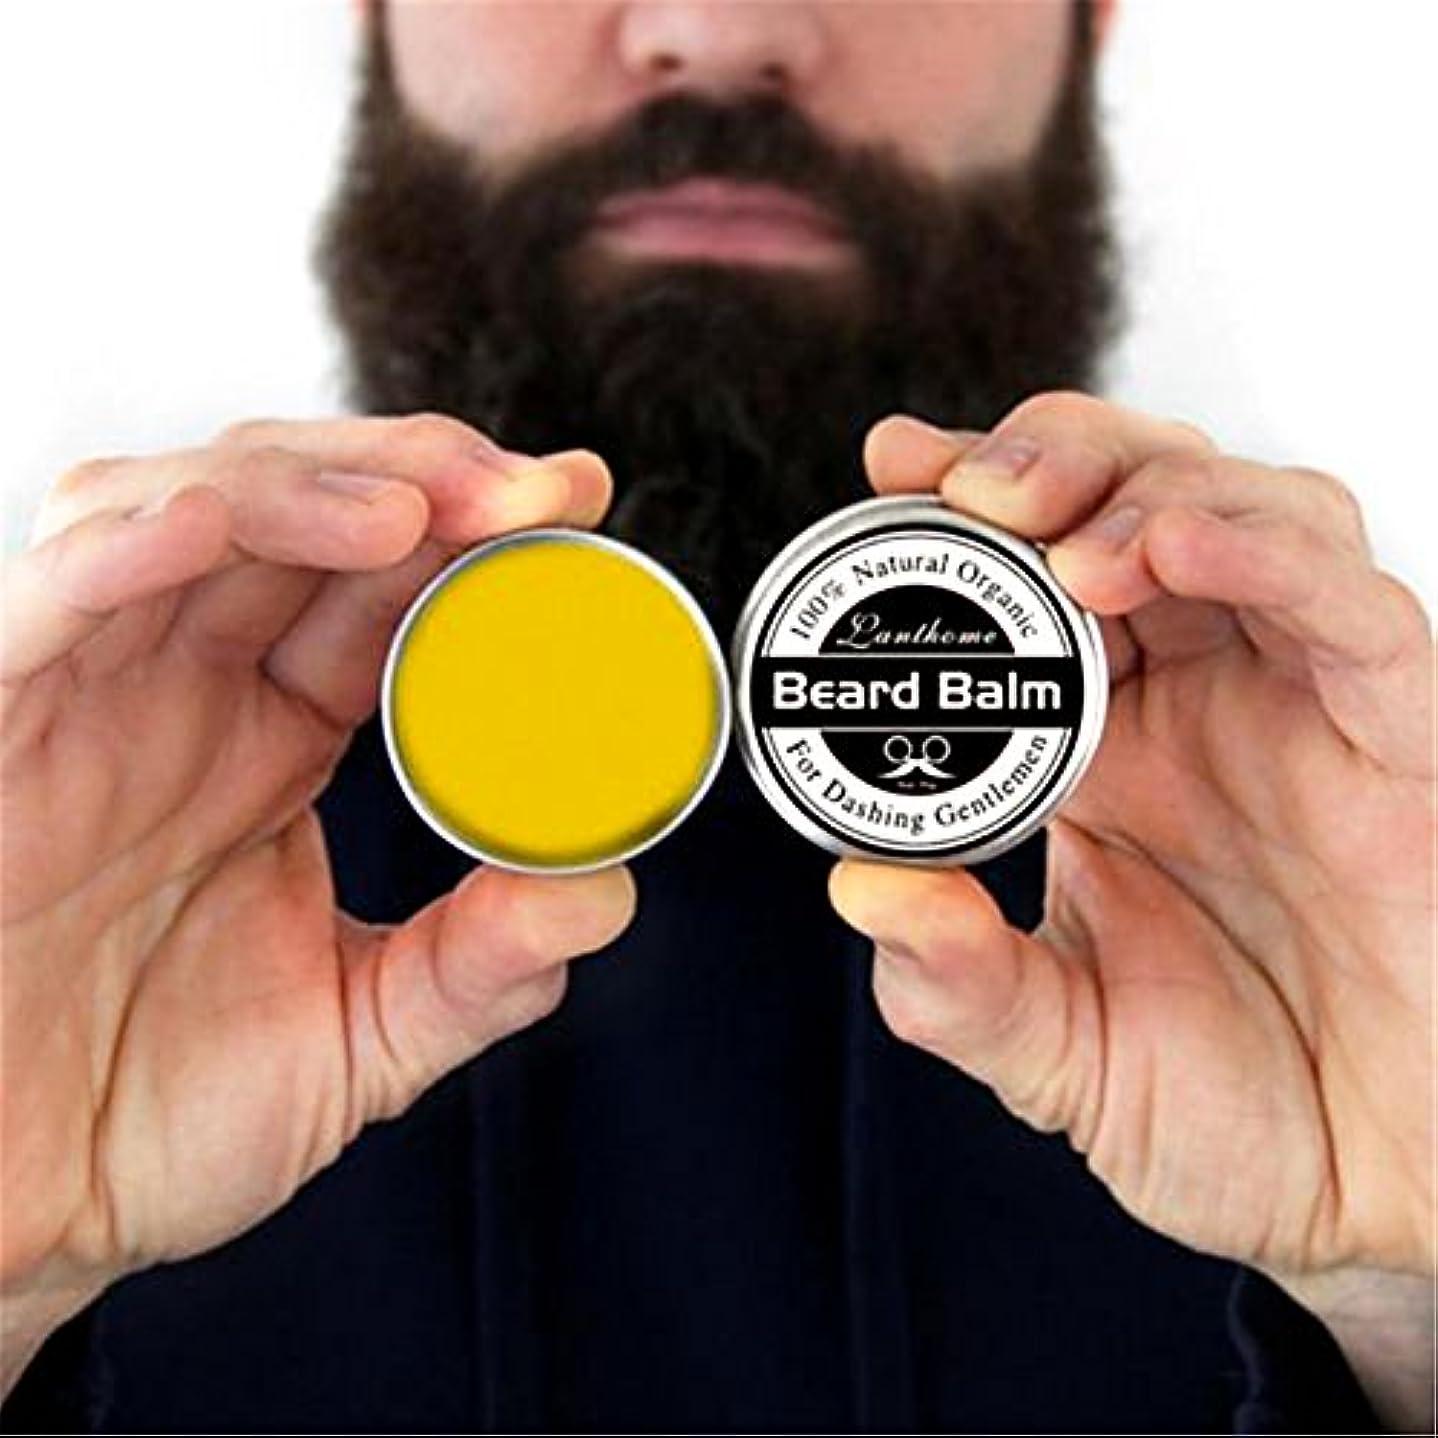 早い才能のある味方Ruier-tong ビアードバーム メンズひげワックス 口髭用ワックス ひげクリーム 保湿/滋養/ひげ根のケアなどの効果  ひげケア必需品 携帯便利